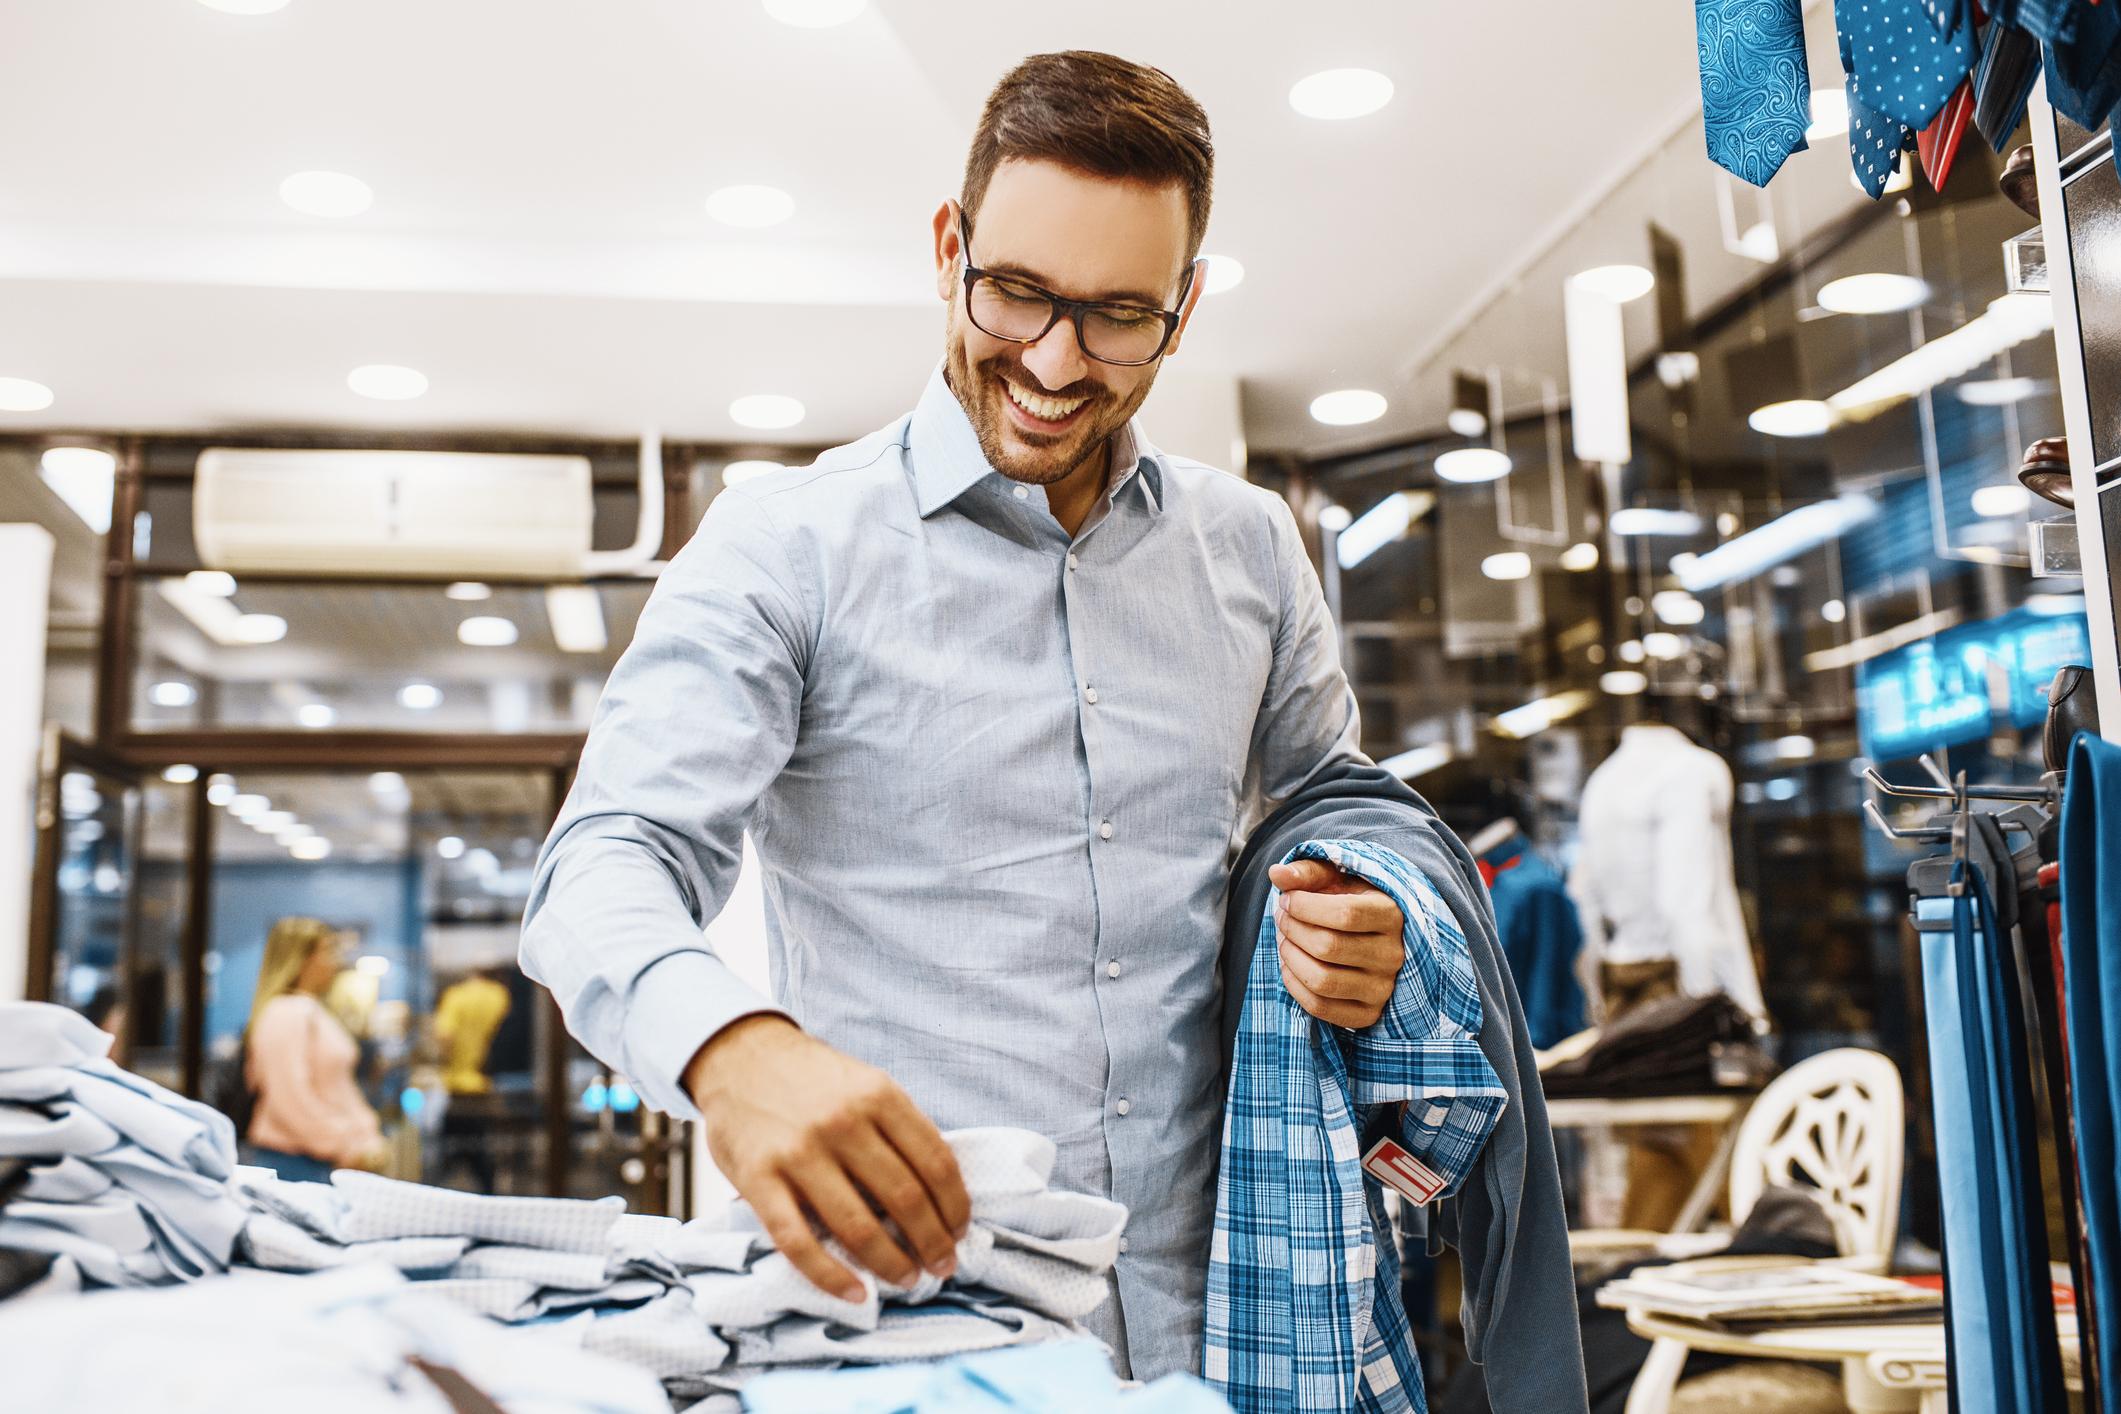 A man shopping in a premium-apparel retail store